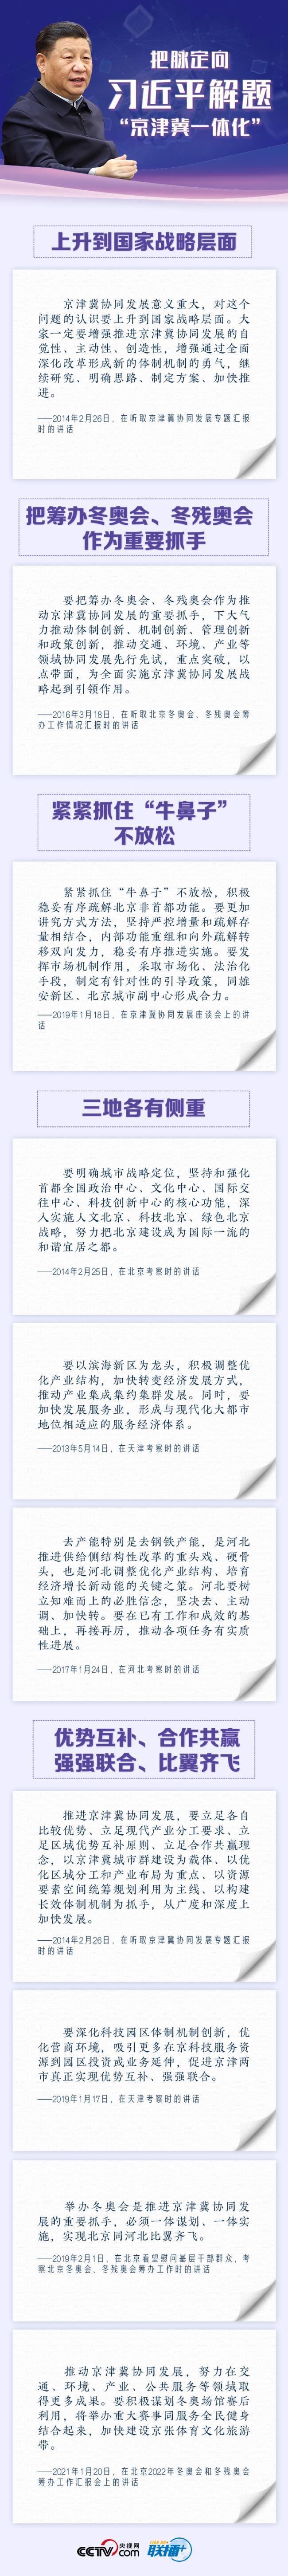 """联播+丨把脉定向 习近平解题""""京津冀一体化"""""""